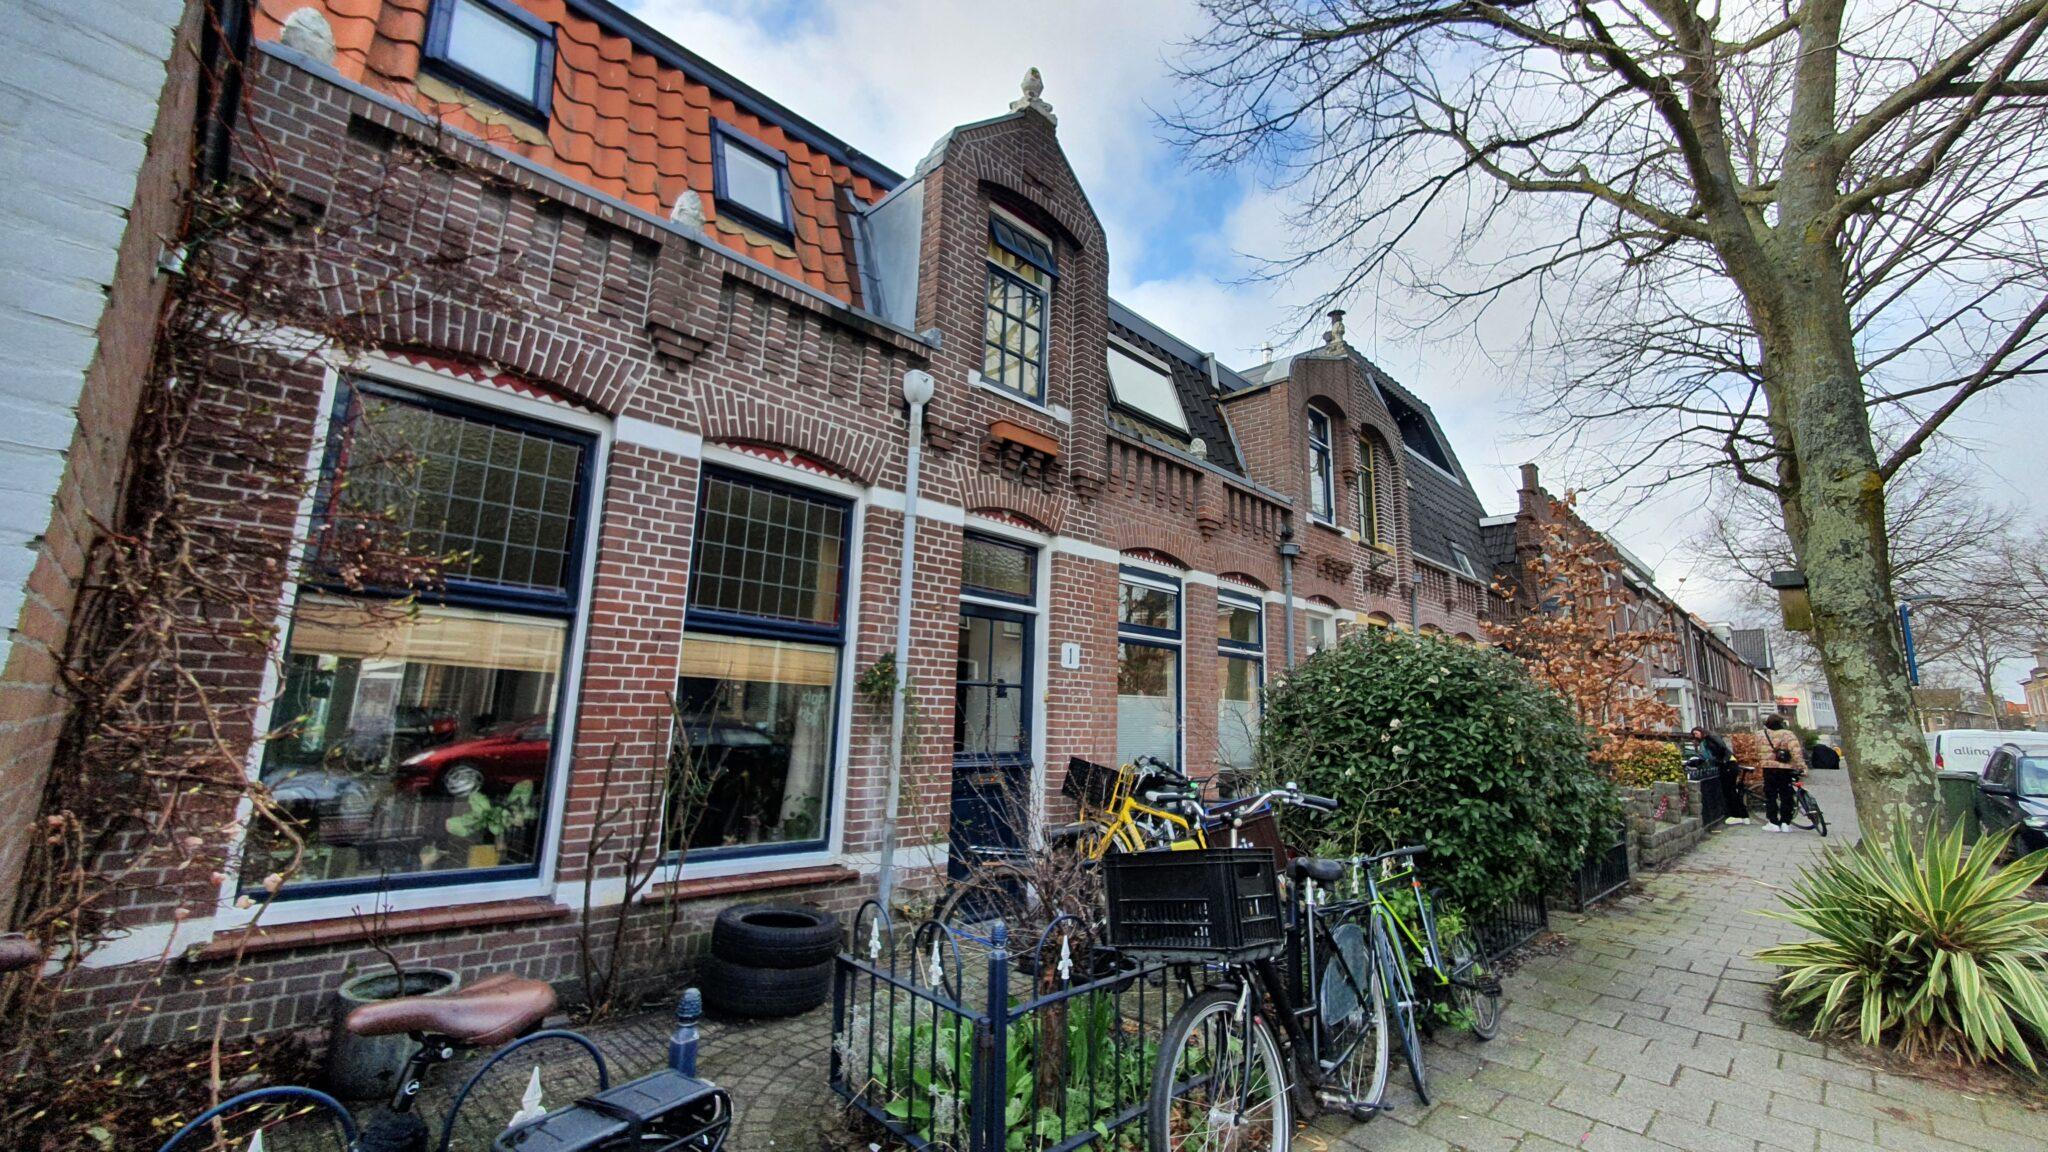 schattig huizen huisjes straatbeeld wonen Haarlem Indische buurt verkoopmakelaar haarlem